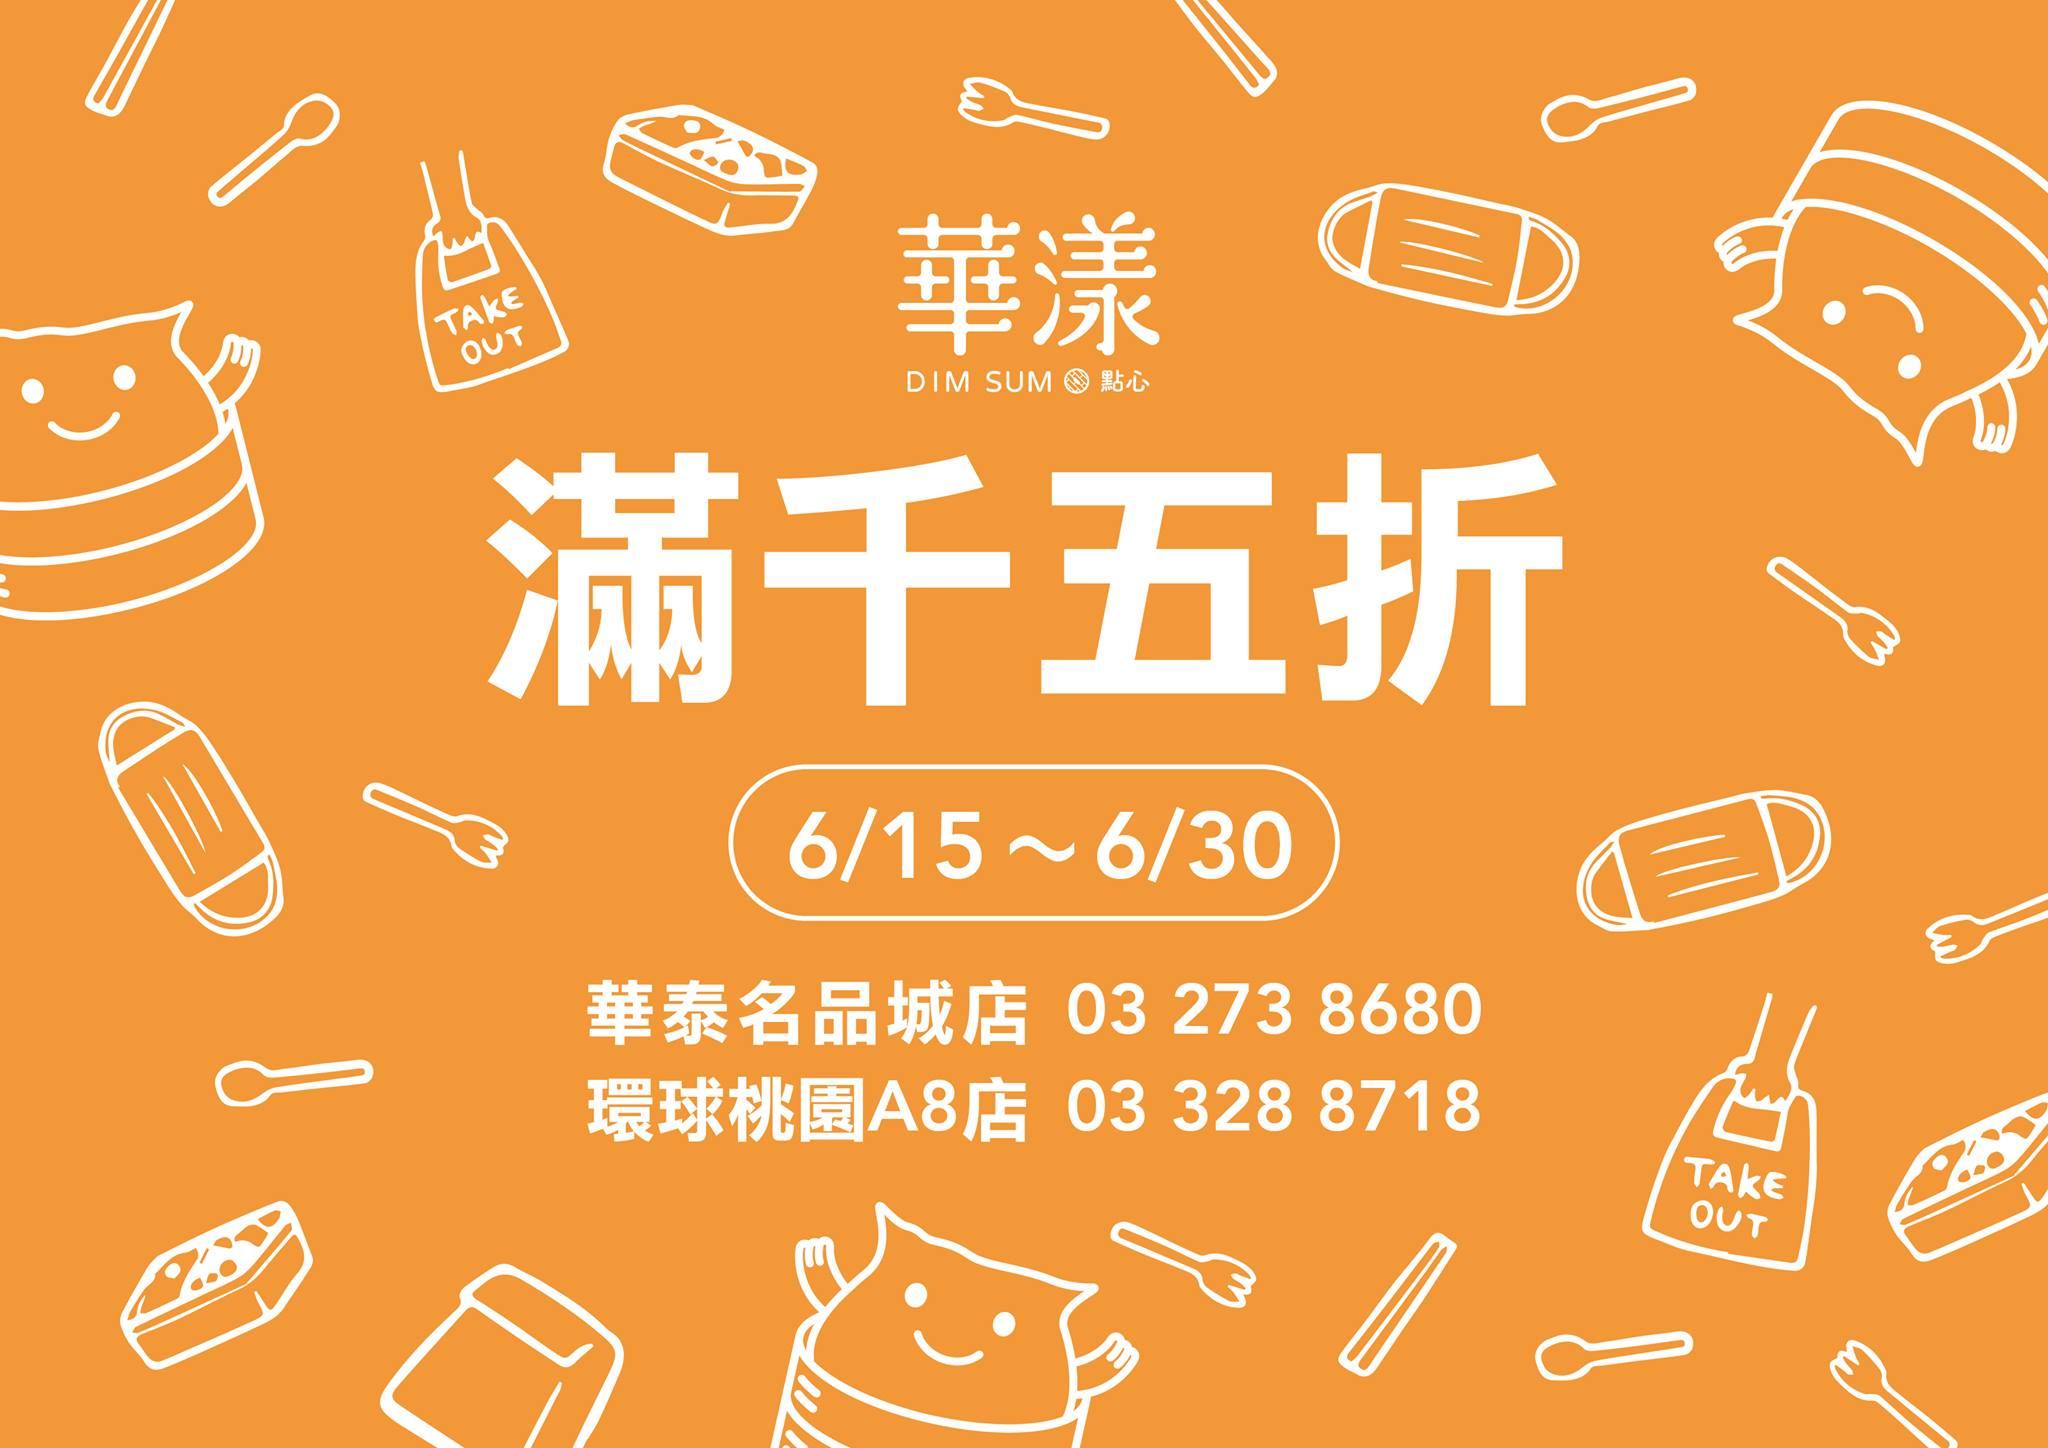 網站近期文章:華漾DIMSUM.環球購物中心桃園A8美食(現點現做飯店級CP值高的美味港式點心)